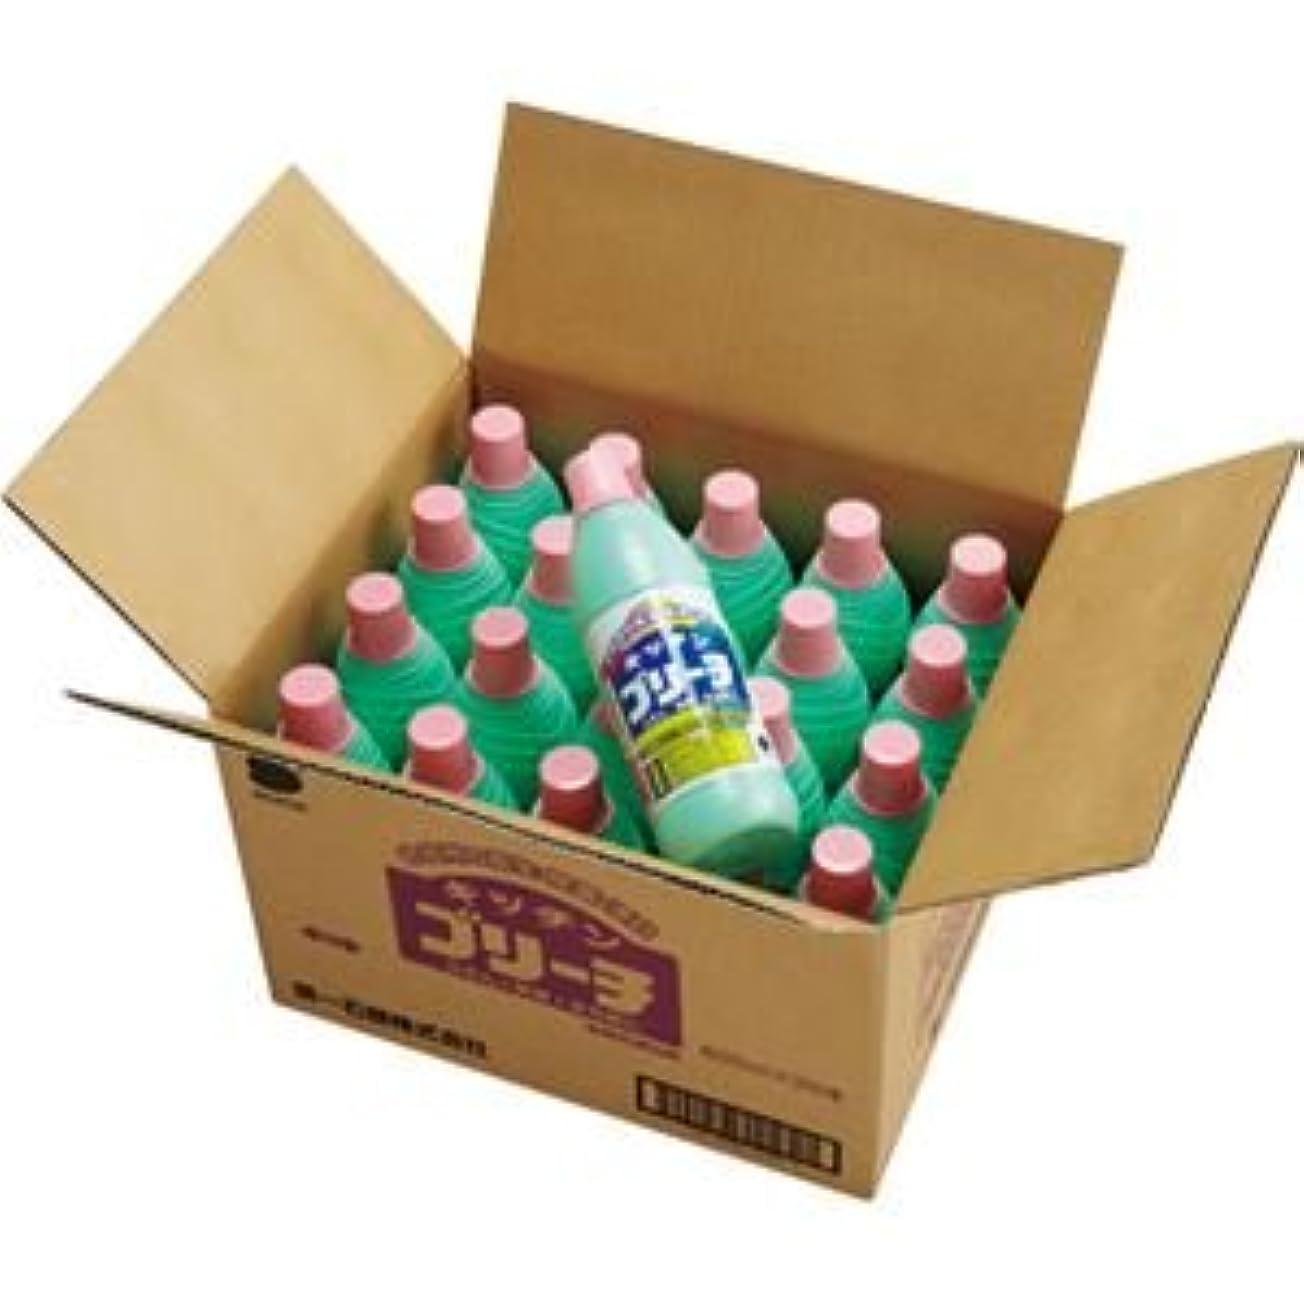 ドラフトファイバ力学(まとめ) 第一石鹸 キッチンブリーチ 600ml 1セット(20本) 【×2セット】